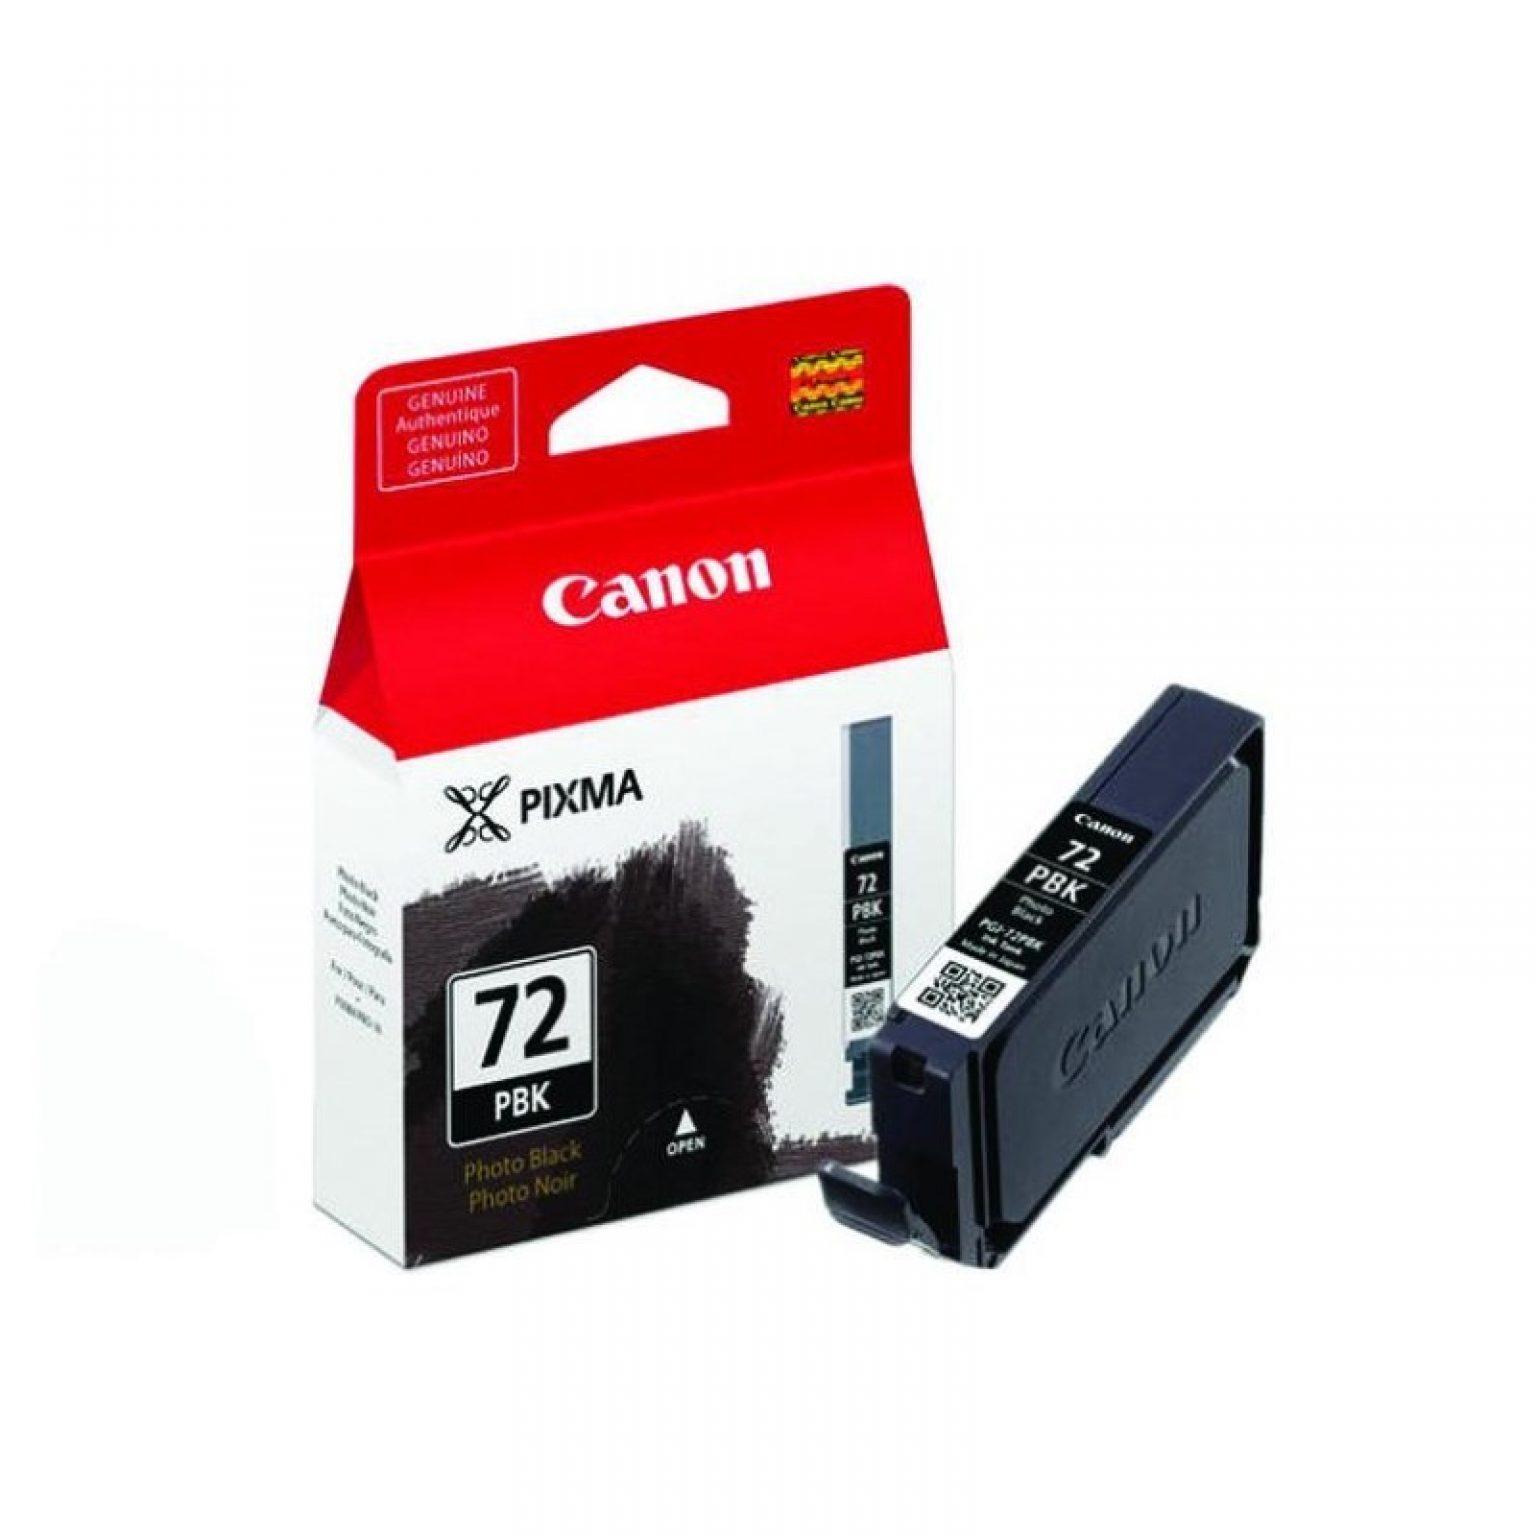 CANON - Ink Cartridge PGI-72 Photo Black for Pro-10 [PGI72PBK]